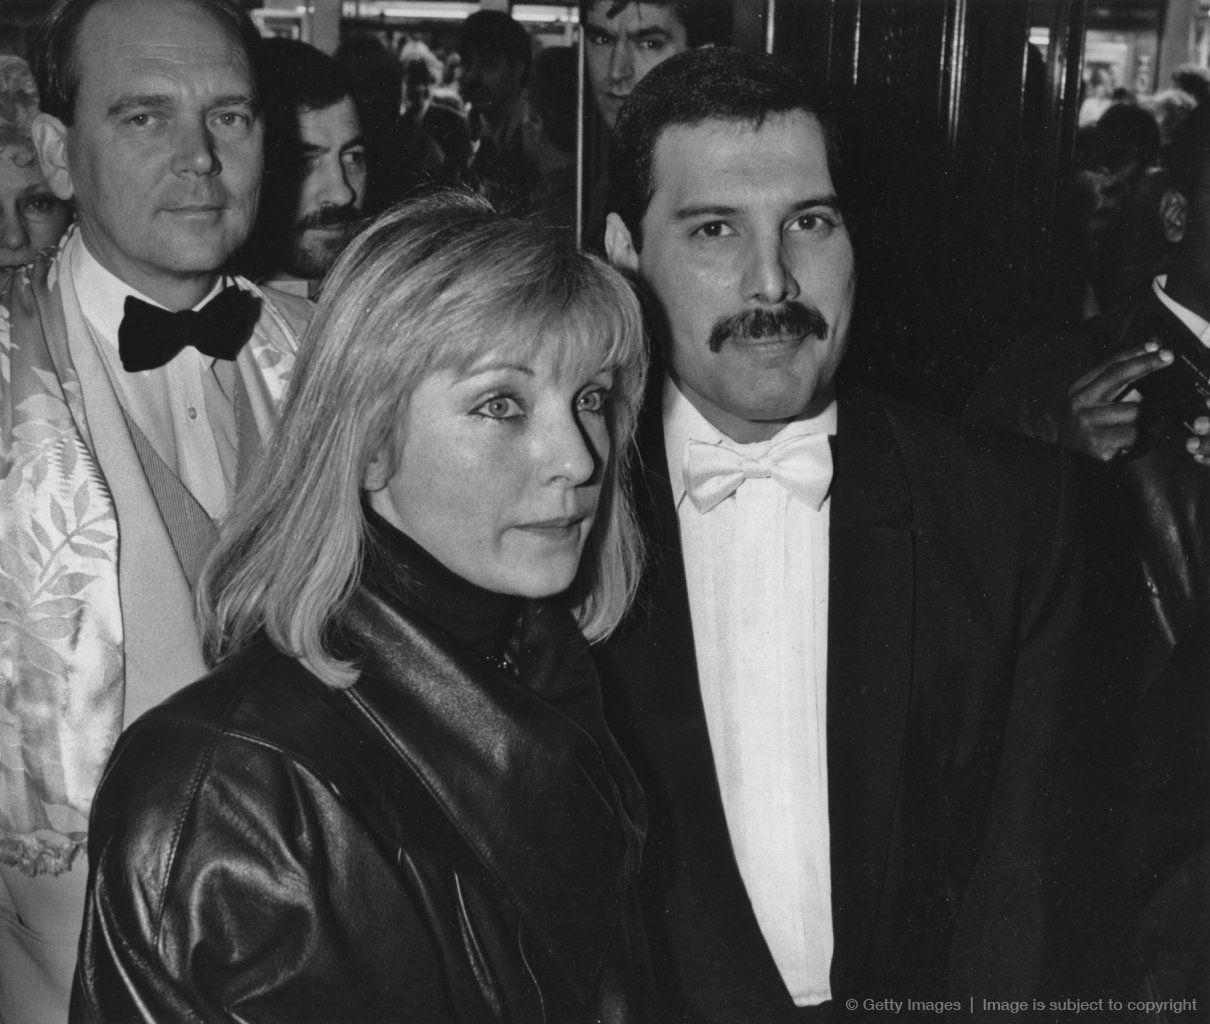 9b Mary Austin Freddie Mercury Freddy Mercury Mercury